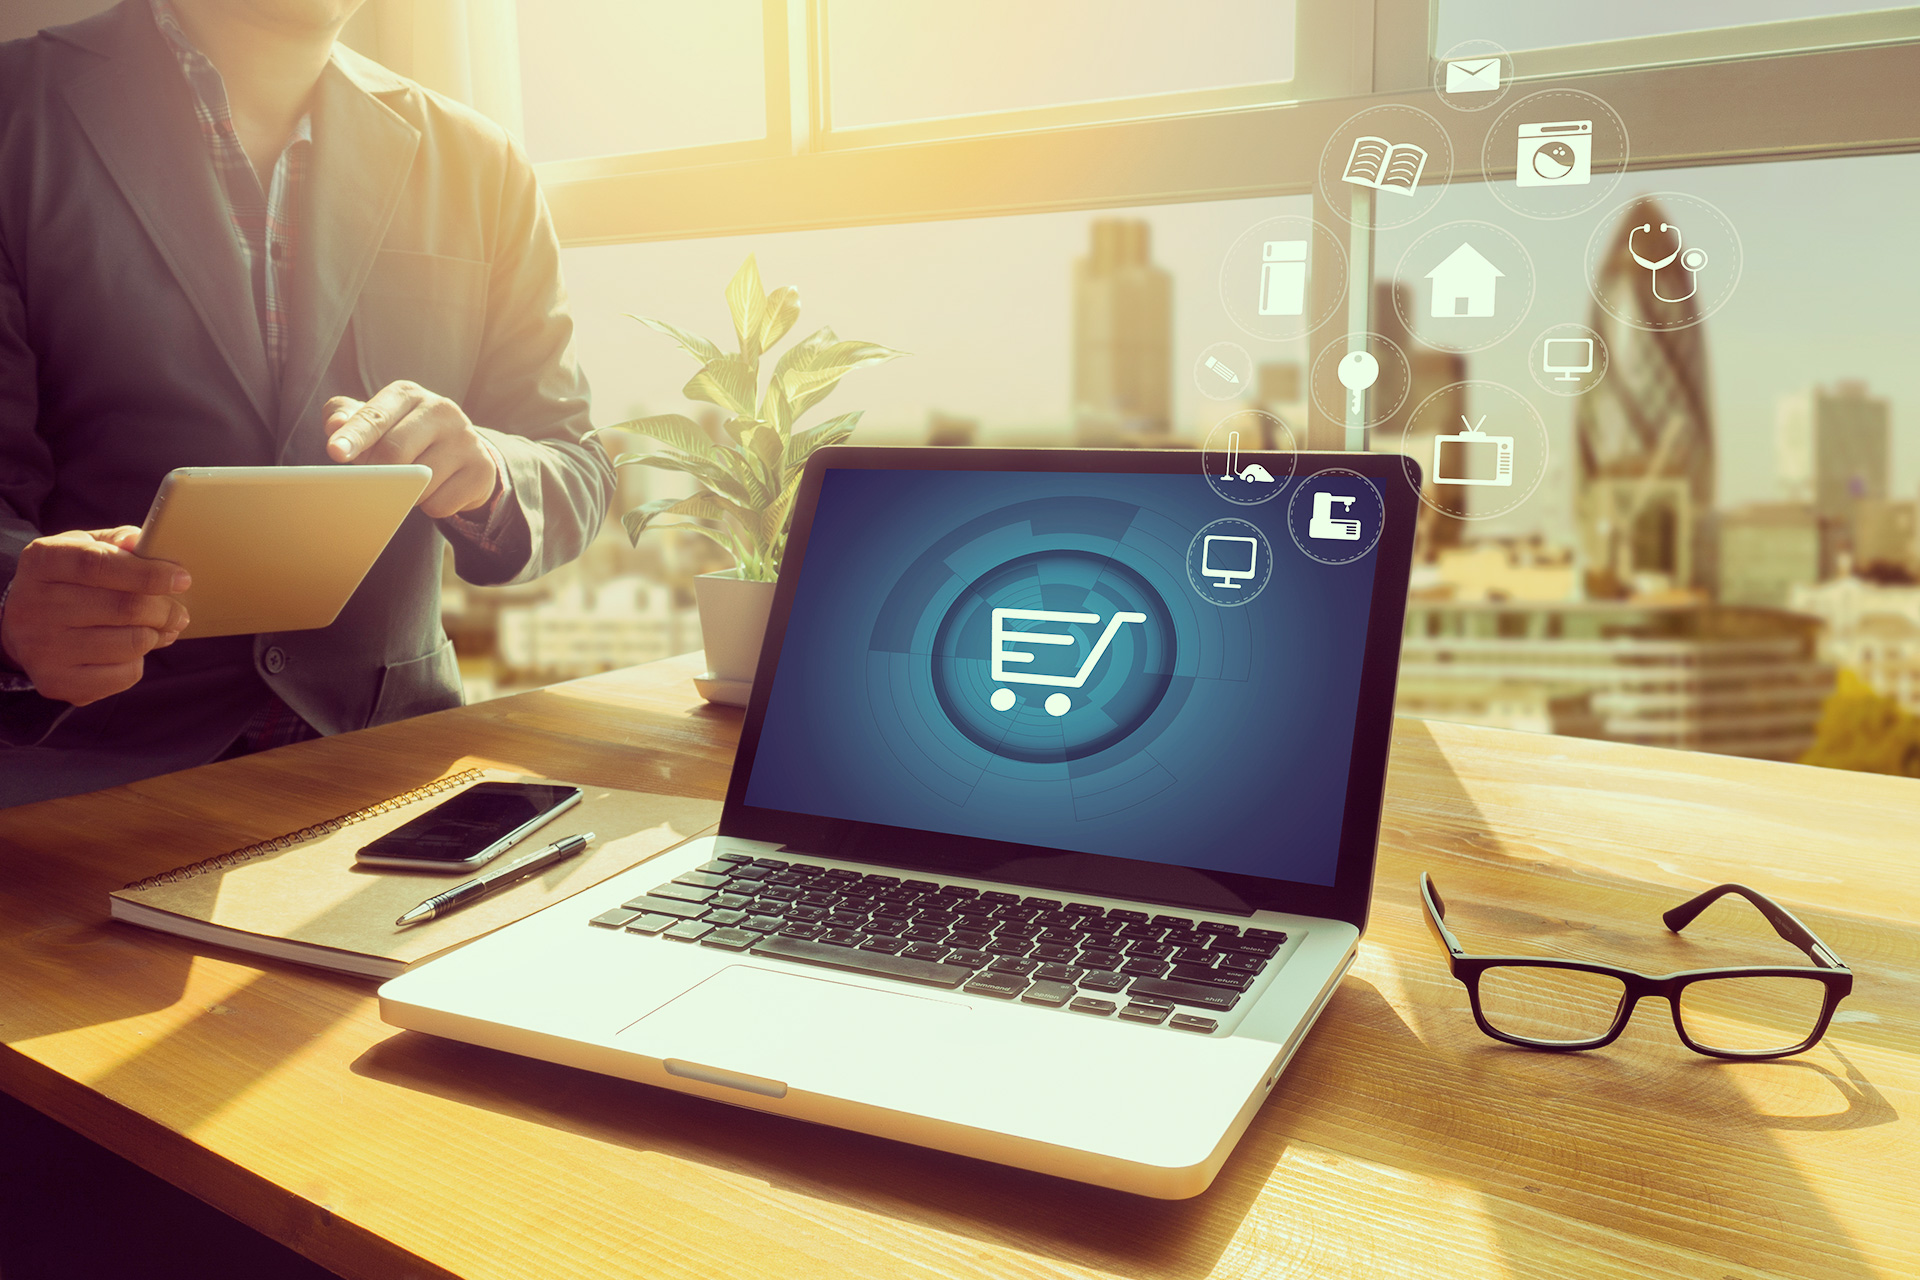 Un e-commerce o comercio electrónico tiene varios modelos de venta que pueden emplear para maximizar sus beneficios. Descúbrelos y comienza a aplicarlos en tu negocio.